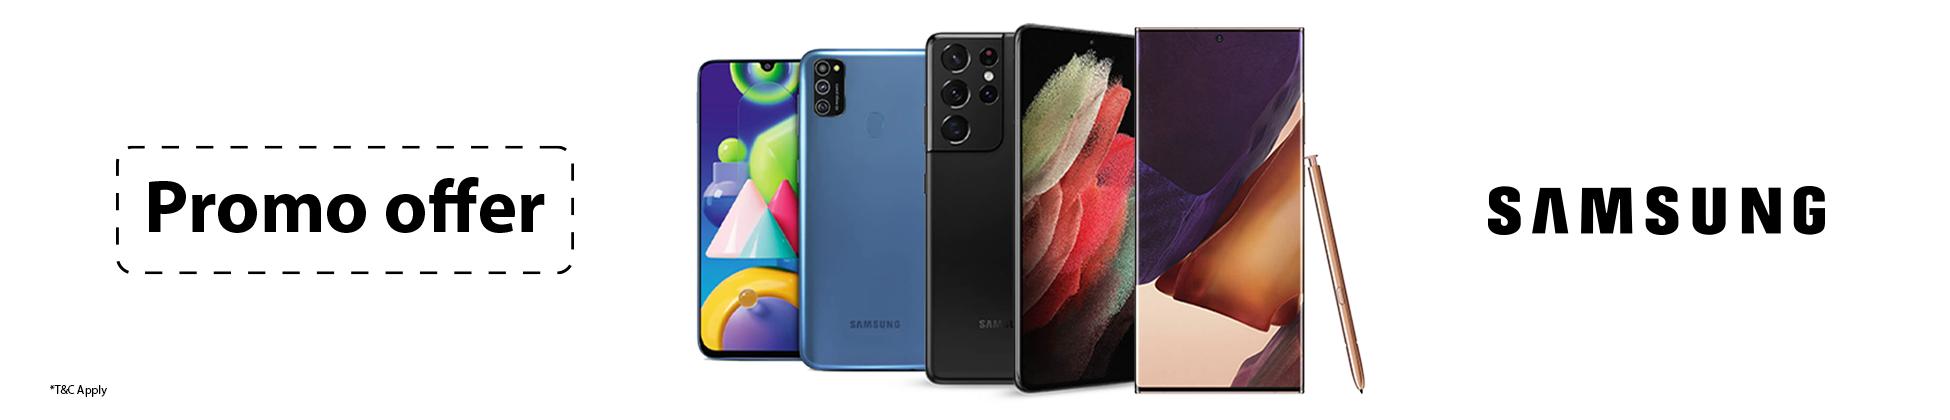 Samsung September Offer